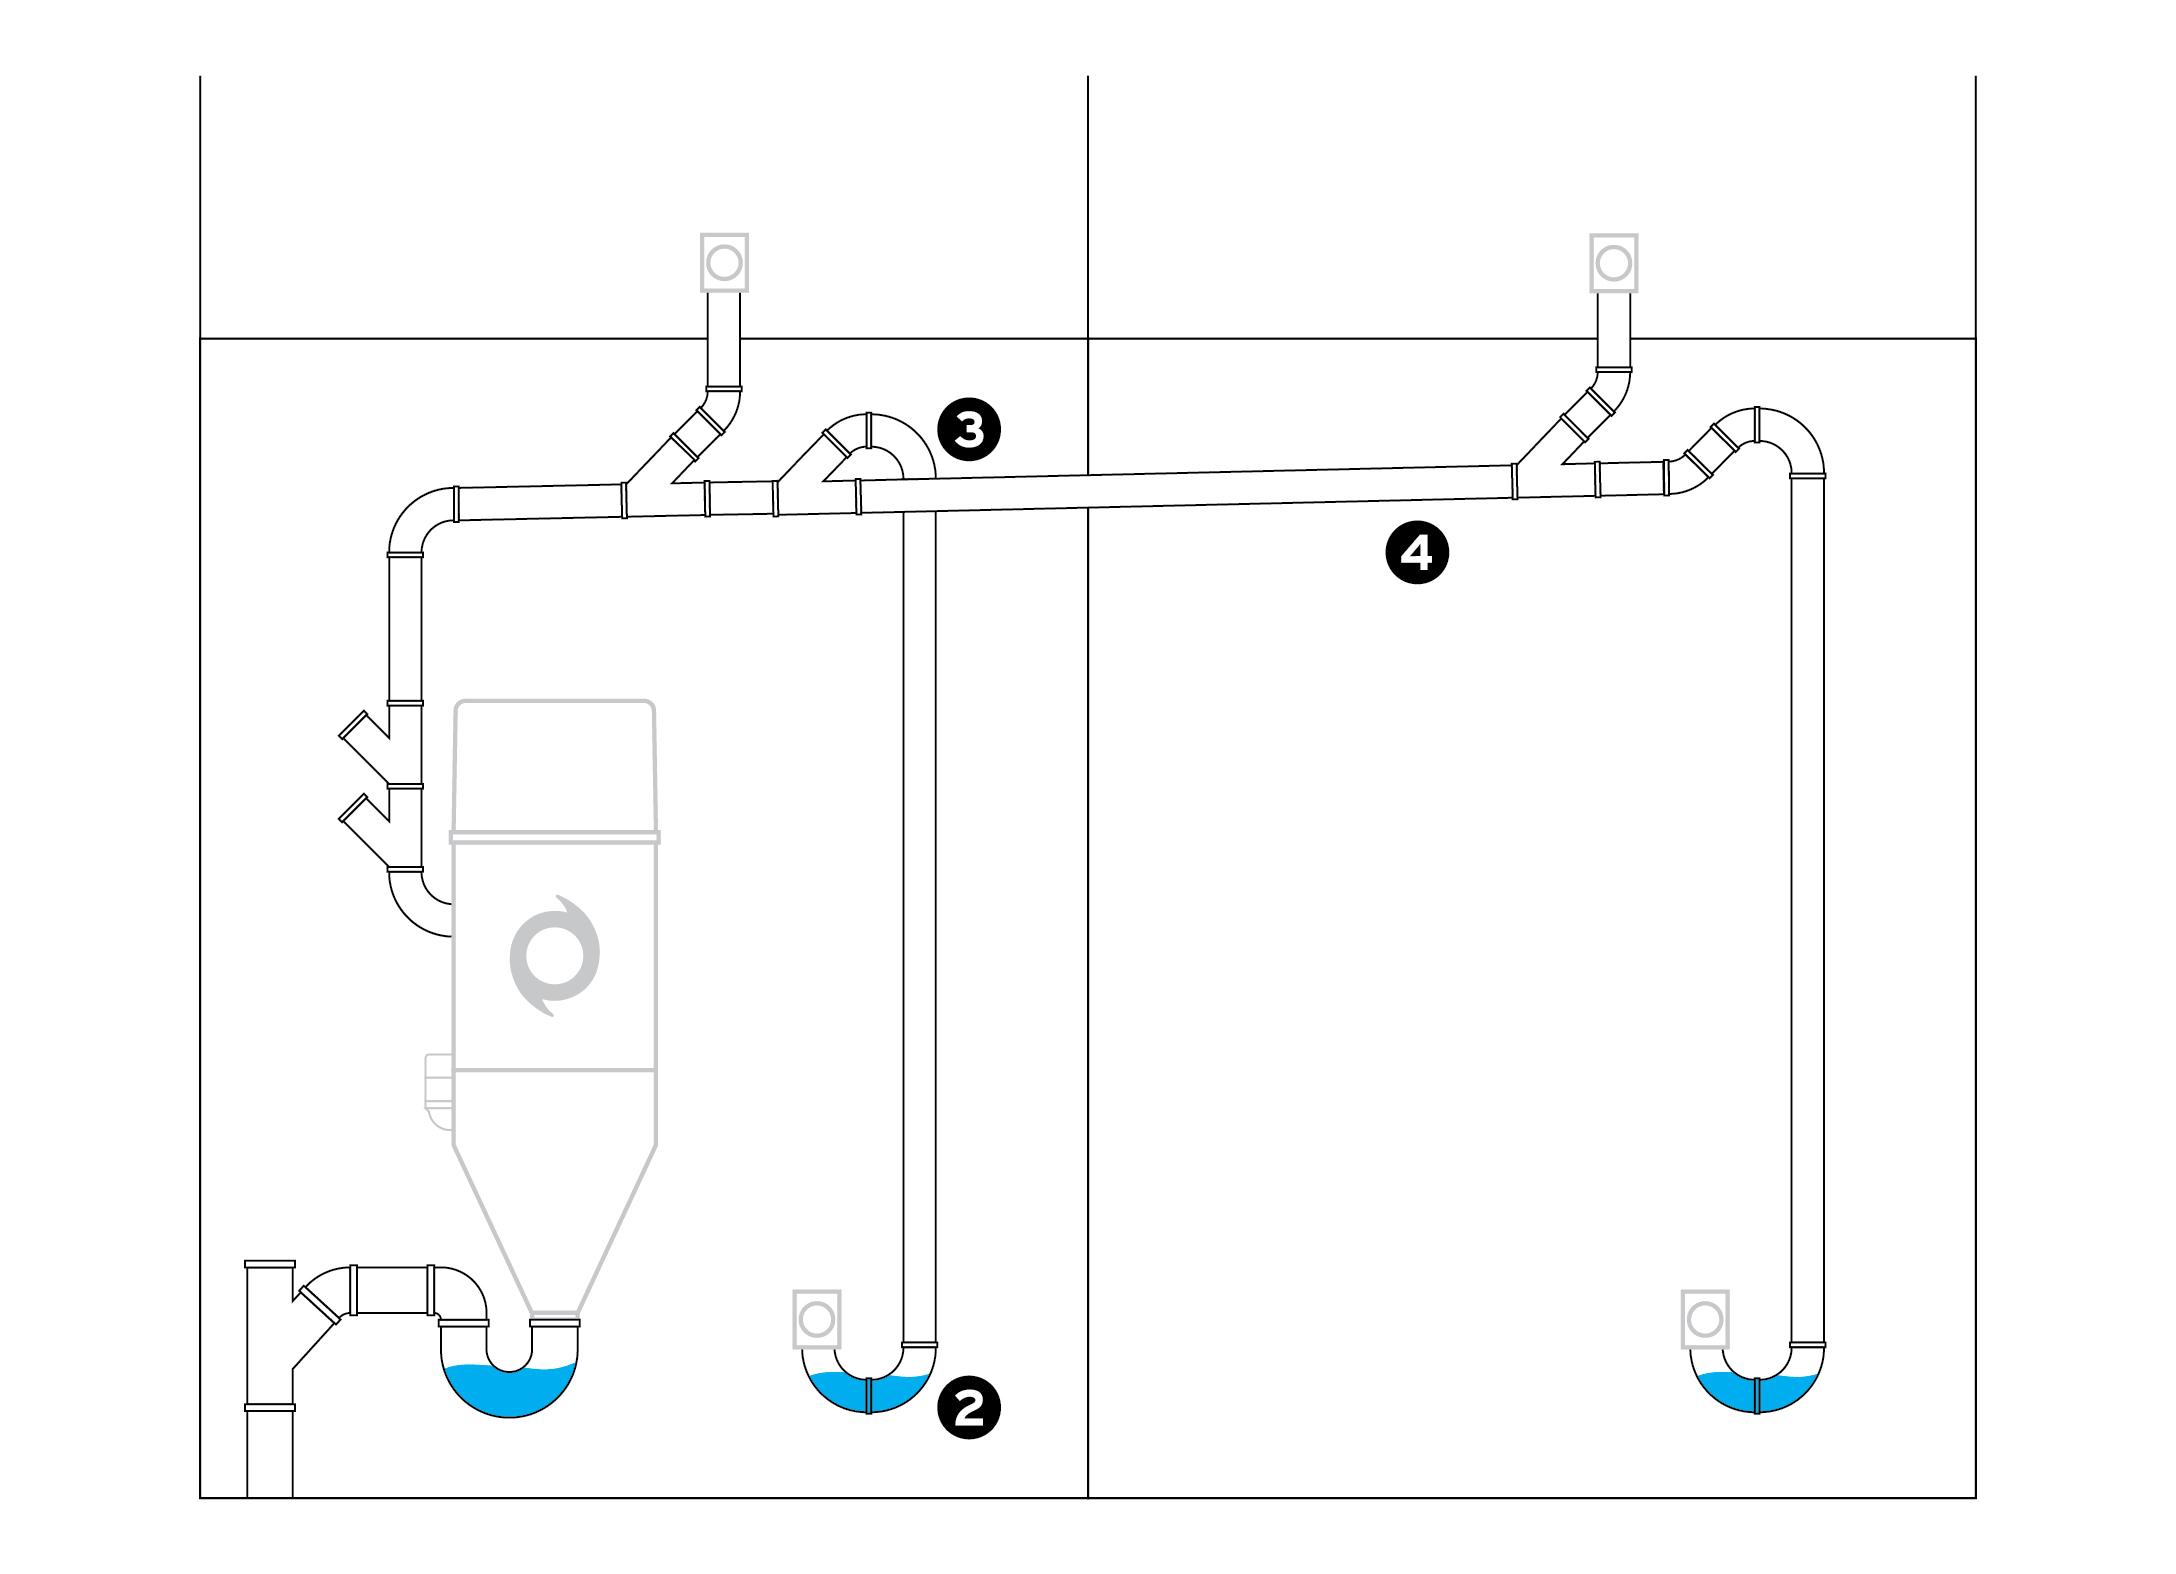 tuyauterie-liquide-01_190111_112908.jpg#asset:12079